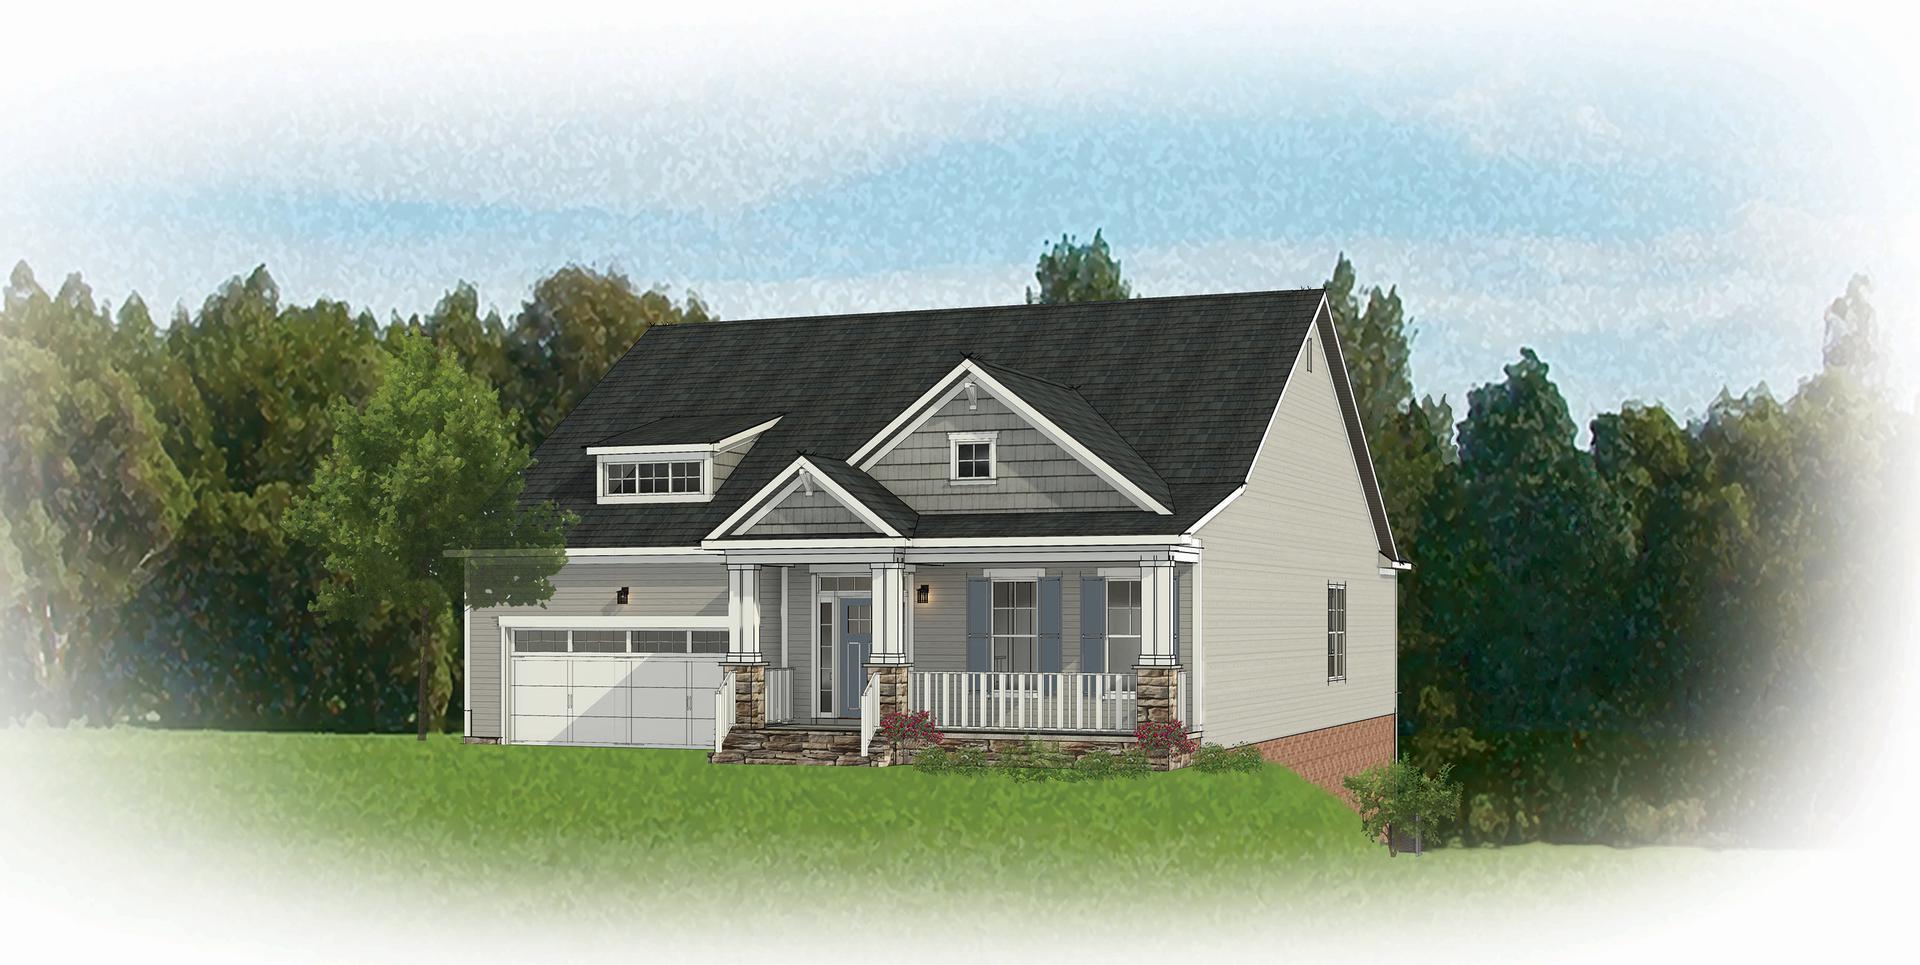 The Linden Terrace New Home Floorplan